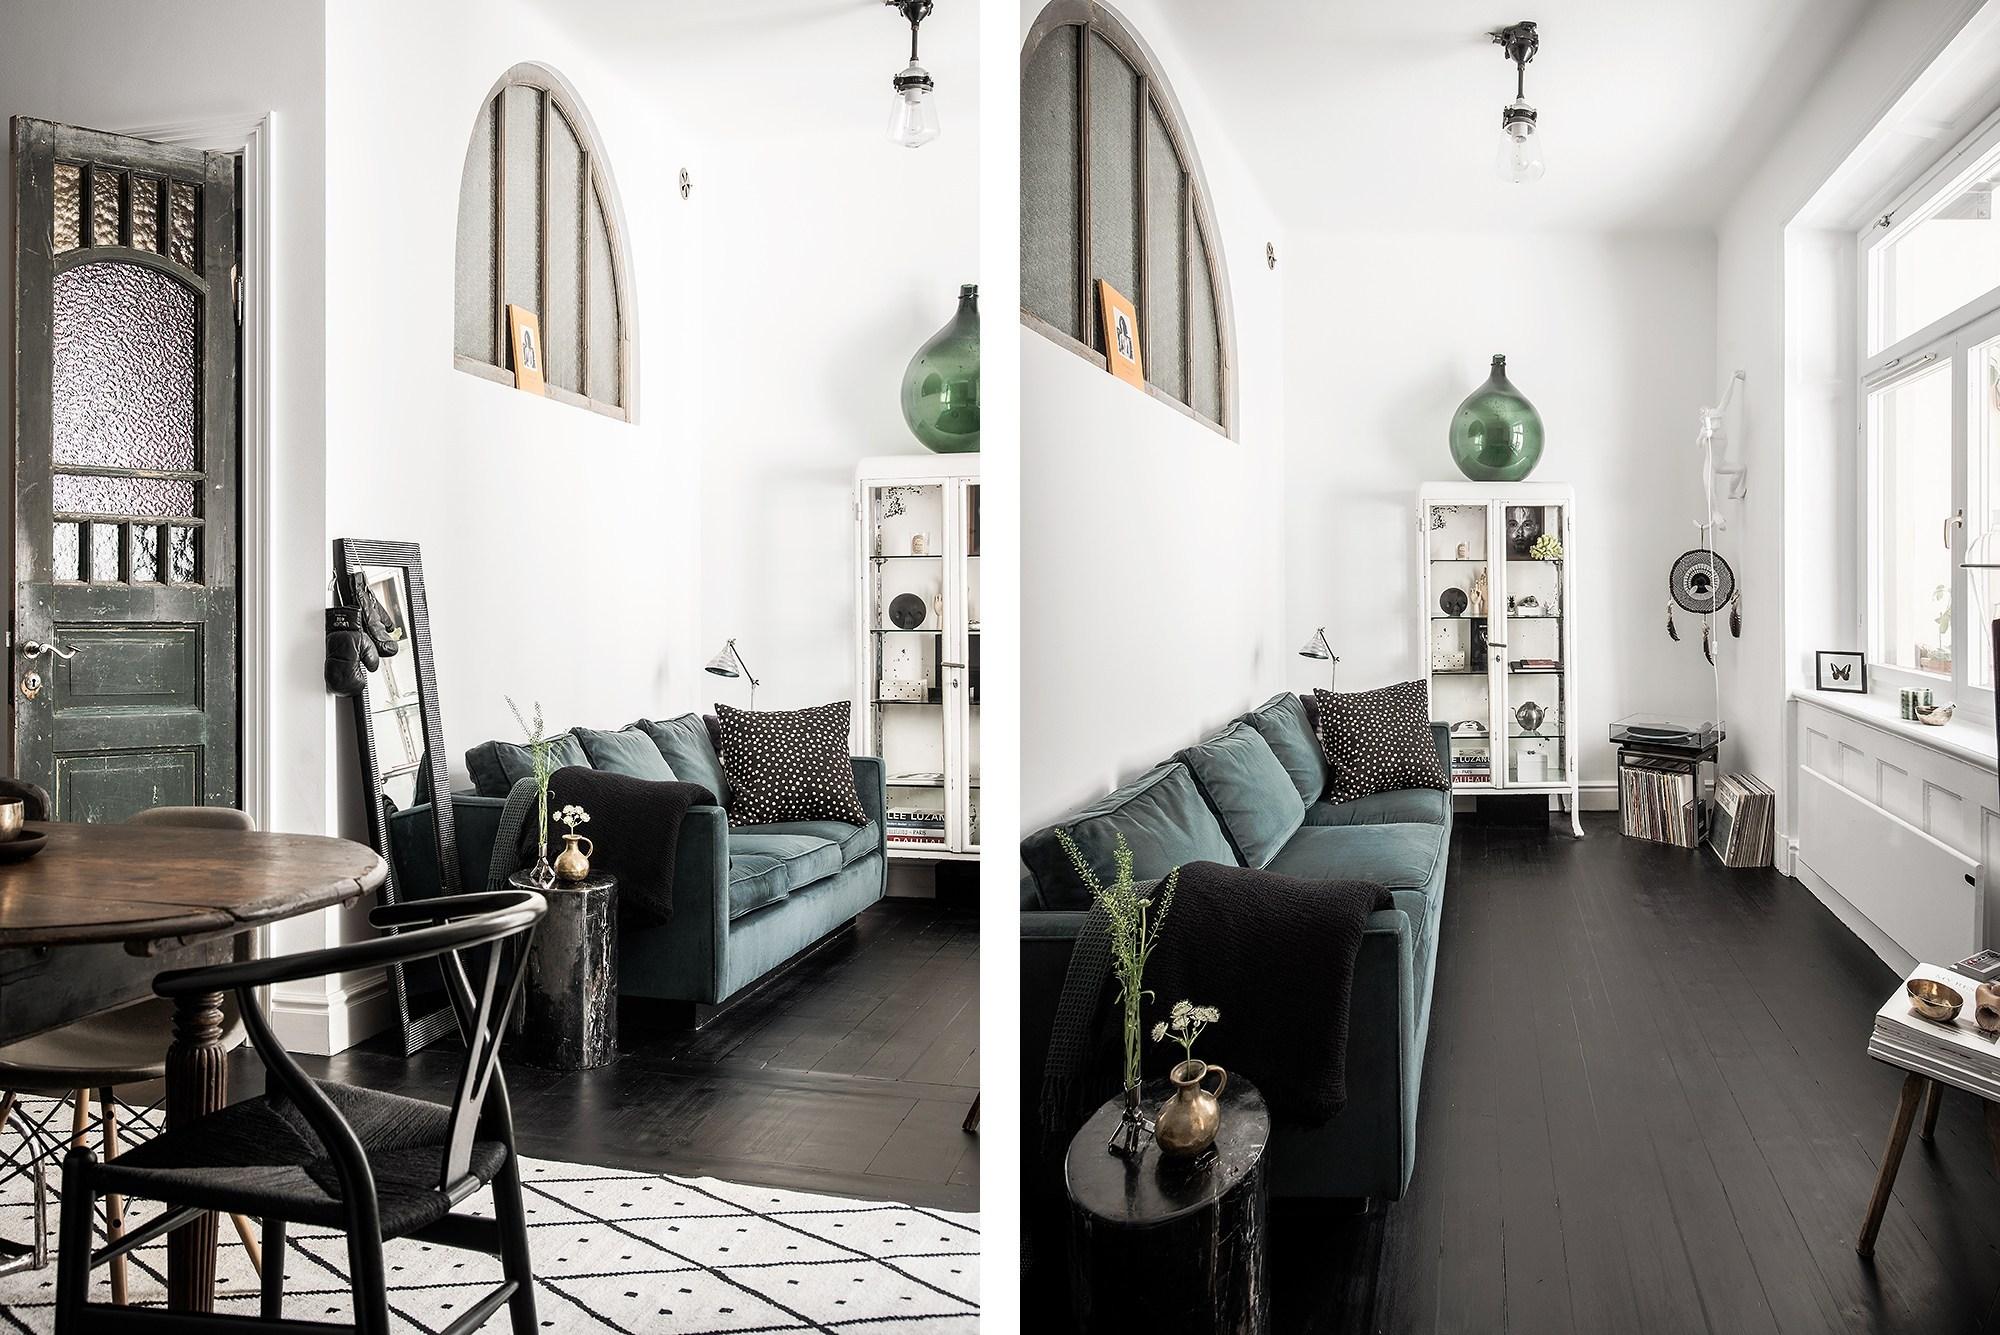 Tận dụng đồ cũ, căn hộ 42m² vẫn đẹp cá tính từng góc nhỏ - Ảnh 2.